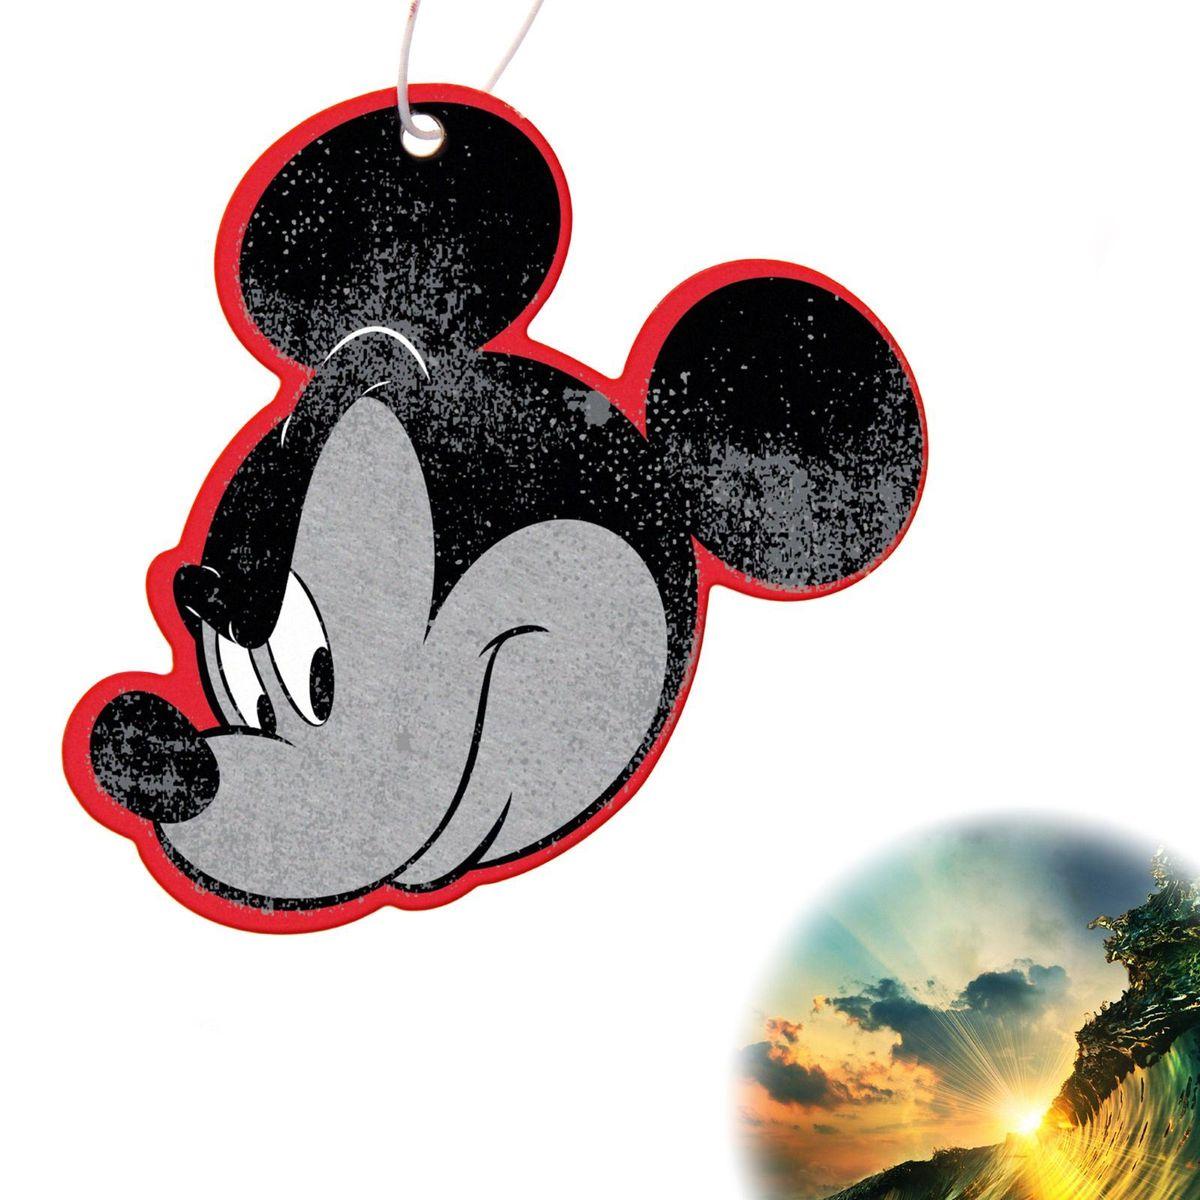 Ароматизатор в авто Disney Микки Маус. Mickey, 8,6 х 16,1 см. 11490251149025Яркость в серые городские будни и скучную езду по пробкам добавит ароматизатор в авто. В нем сочетаются эксклюзивный дизайн и приятный аромат. Повесьте его на зеркало, и любимые герои уничтожат неприятные запахи. Если у вас нет автомобиля — не беда! Повесьте ароматизатор дома или на работе и наслаждайтесь чудесным благоуханием.